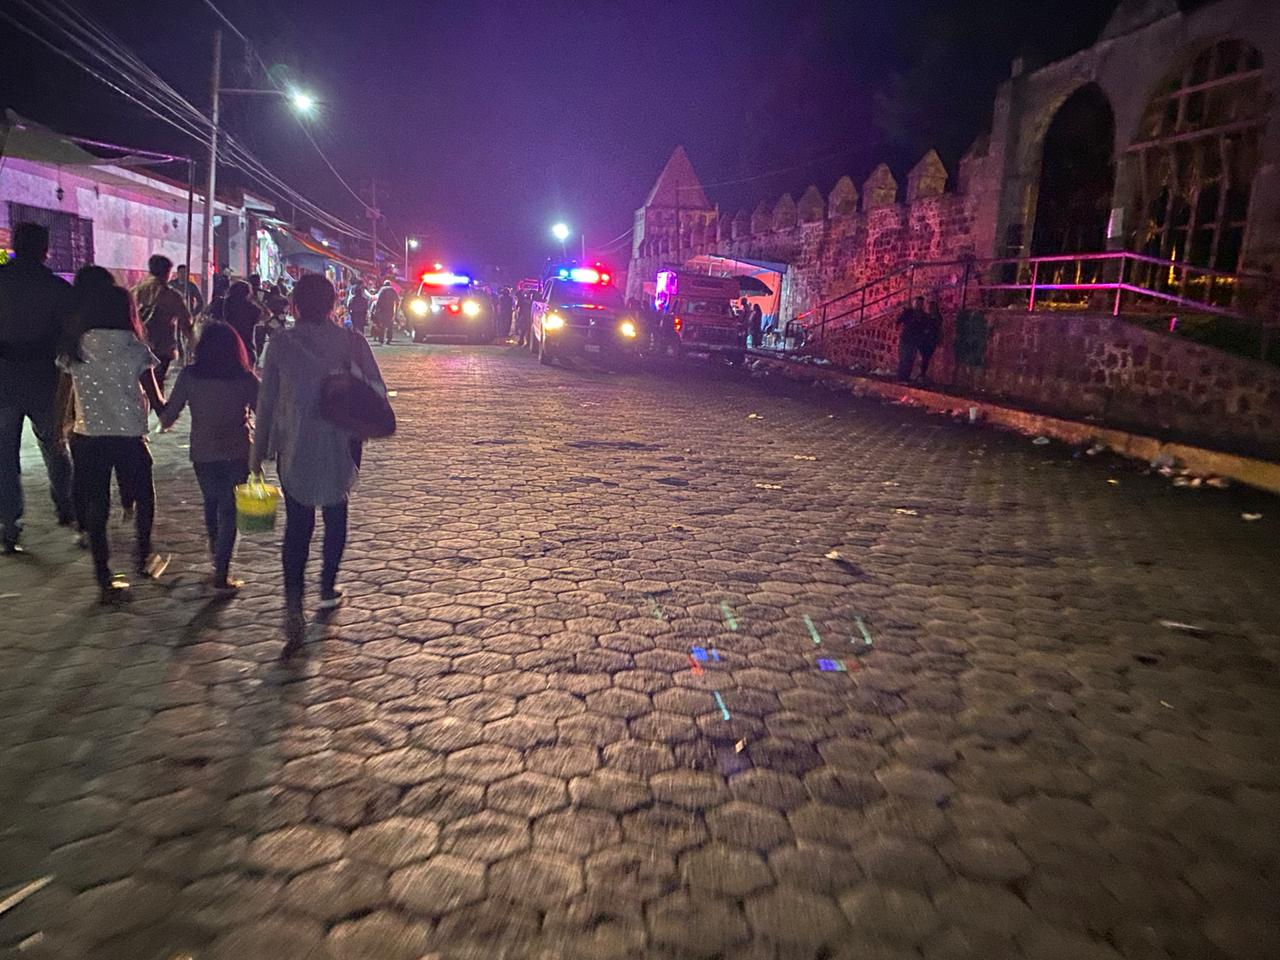 Ebrios lanzan botellas y agreden a policías tras Carnaval en Huejotzingo